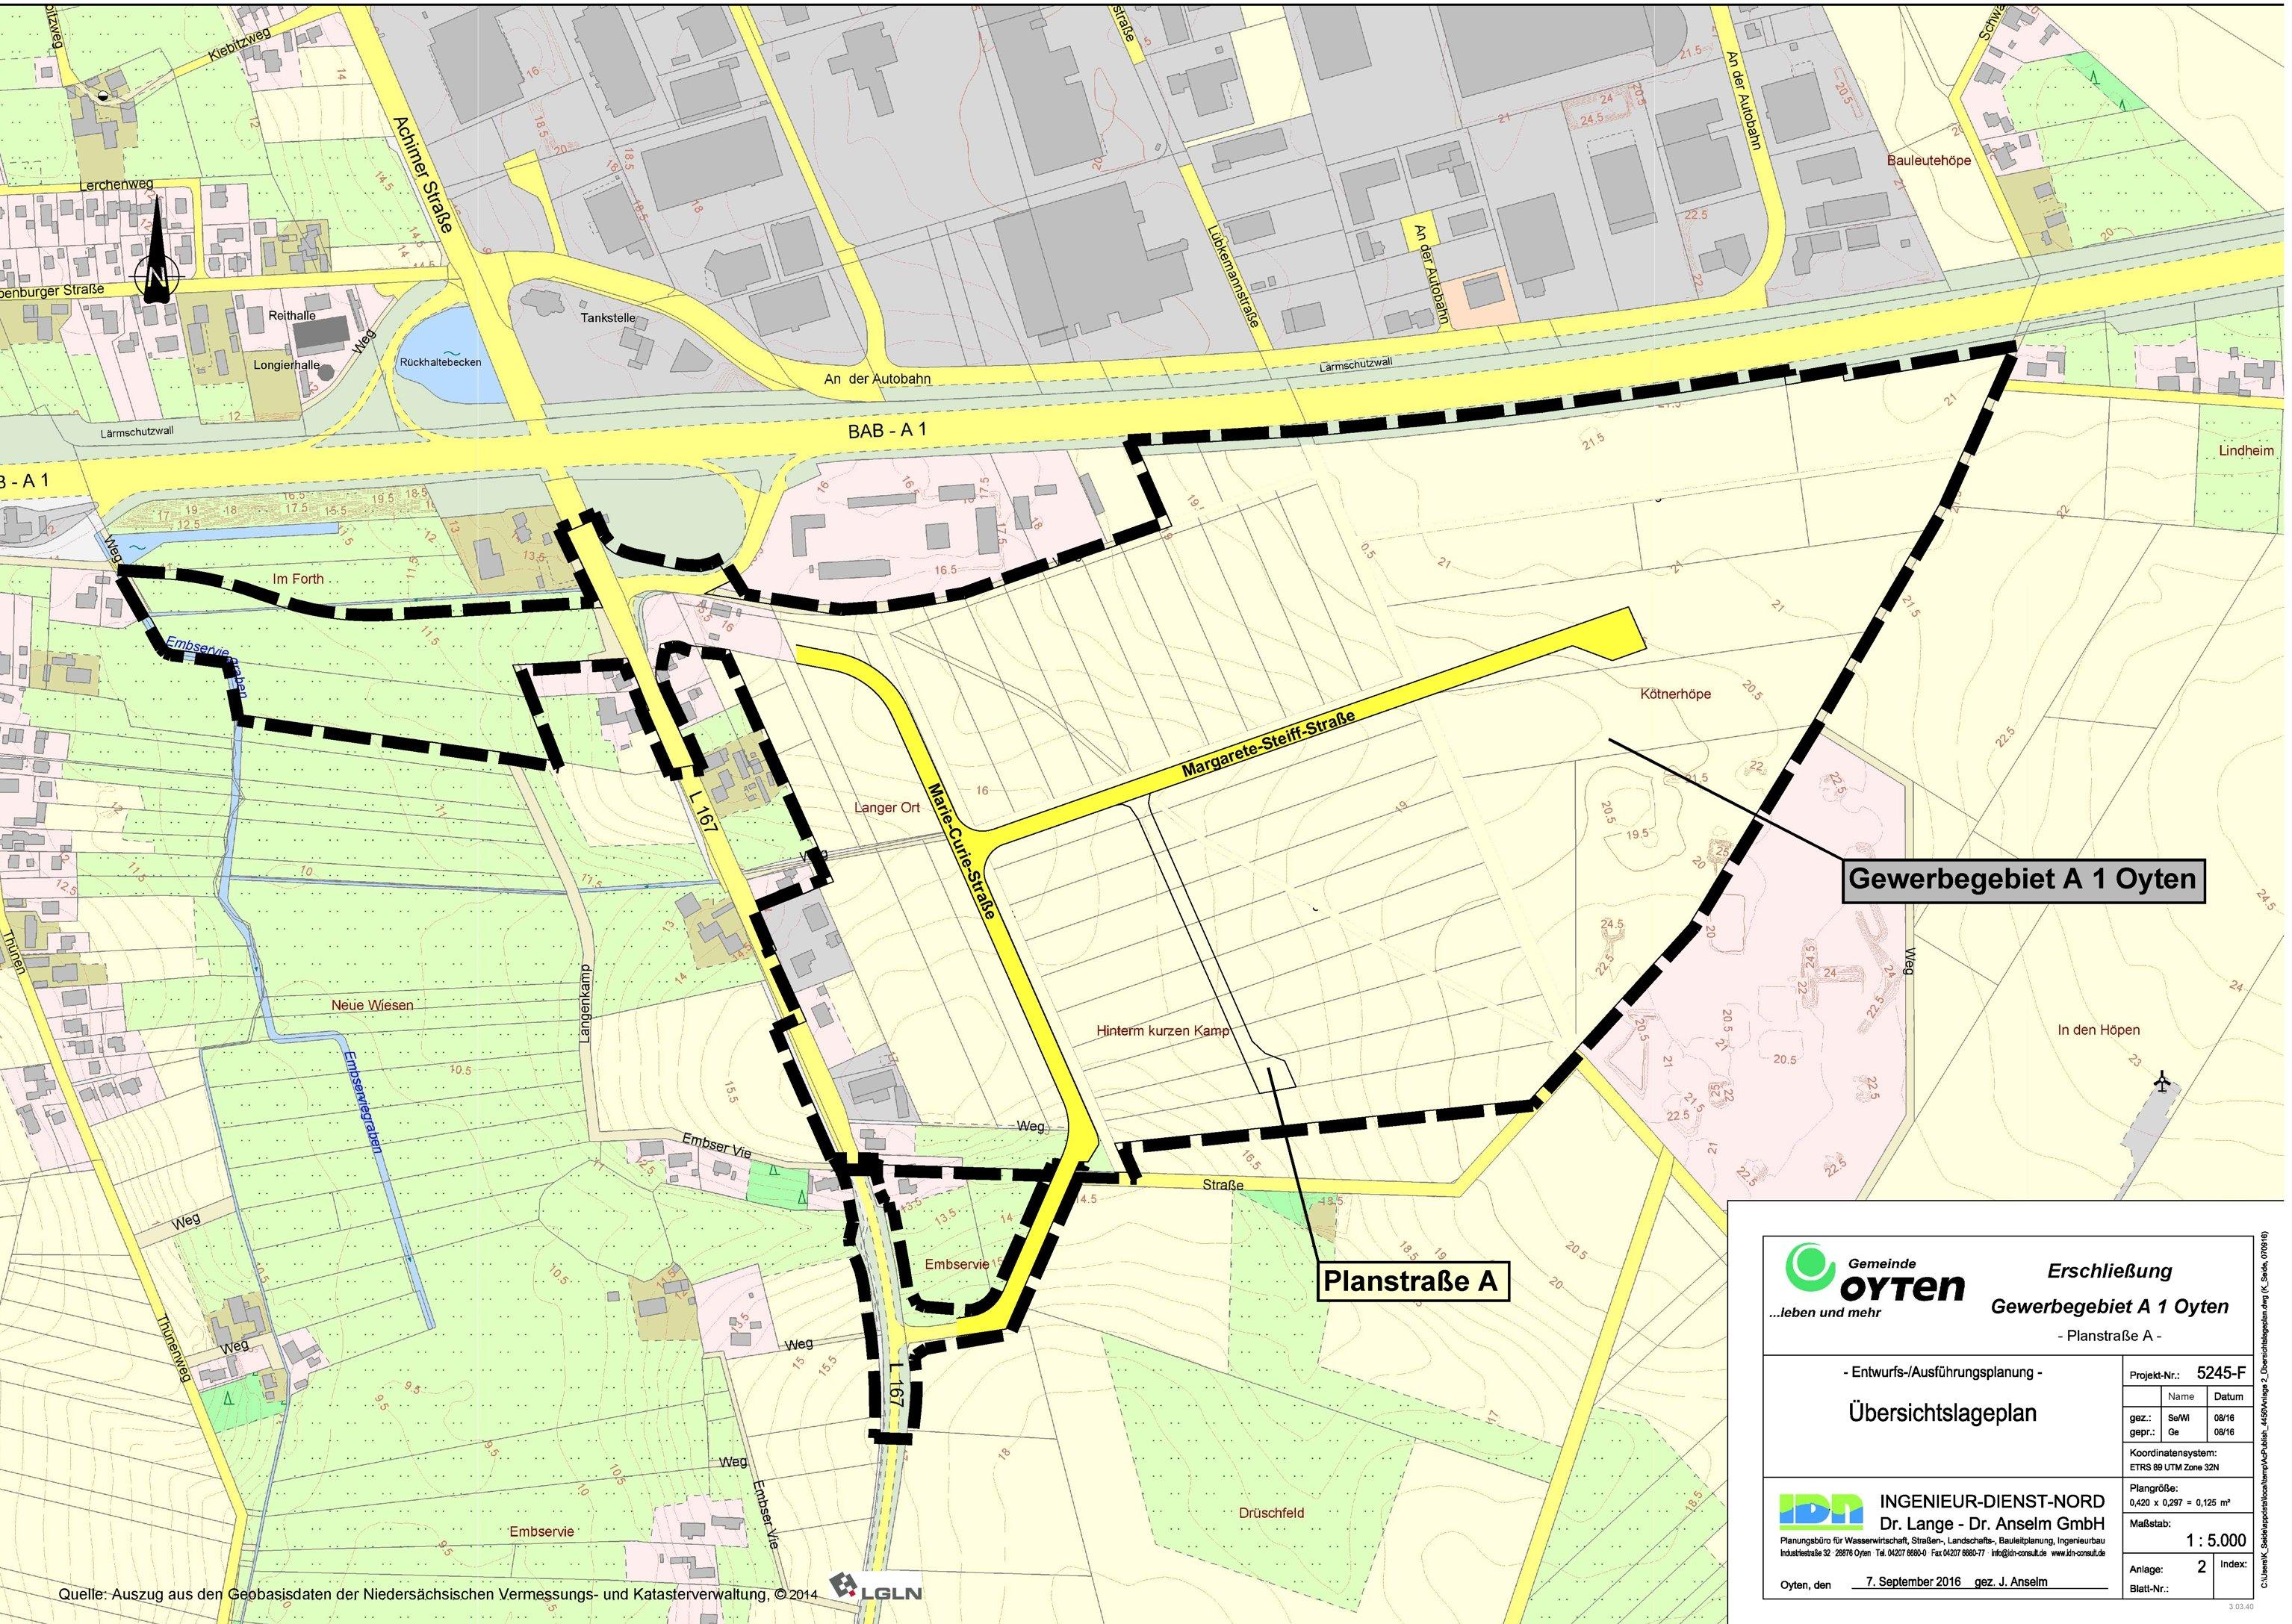 Gewerbegebiet A1 Oyten IDN-Projekt 5245